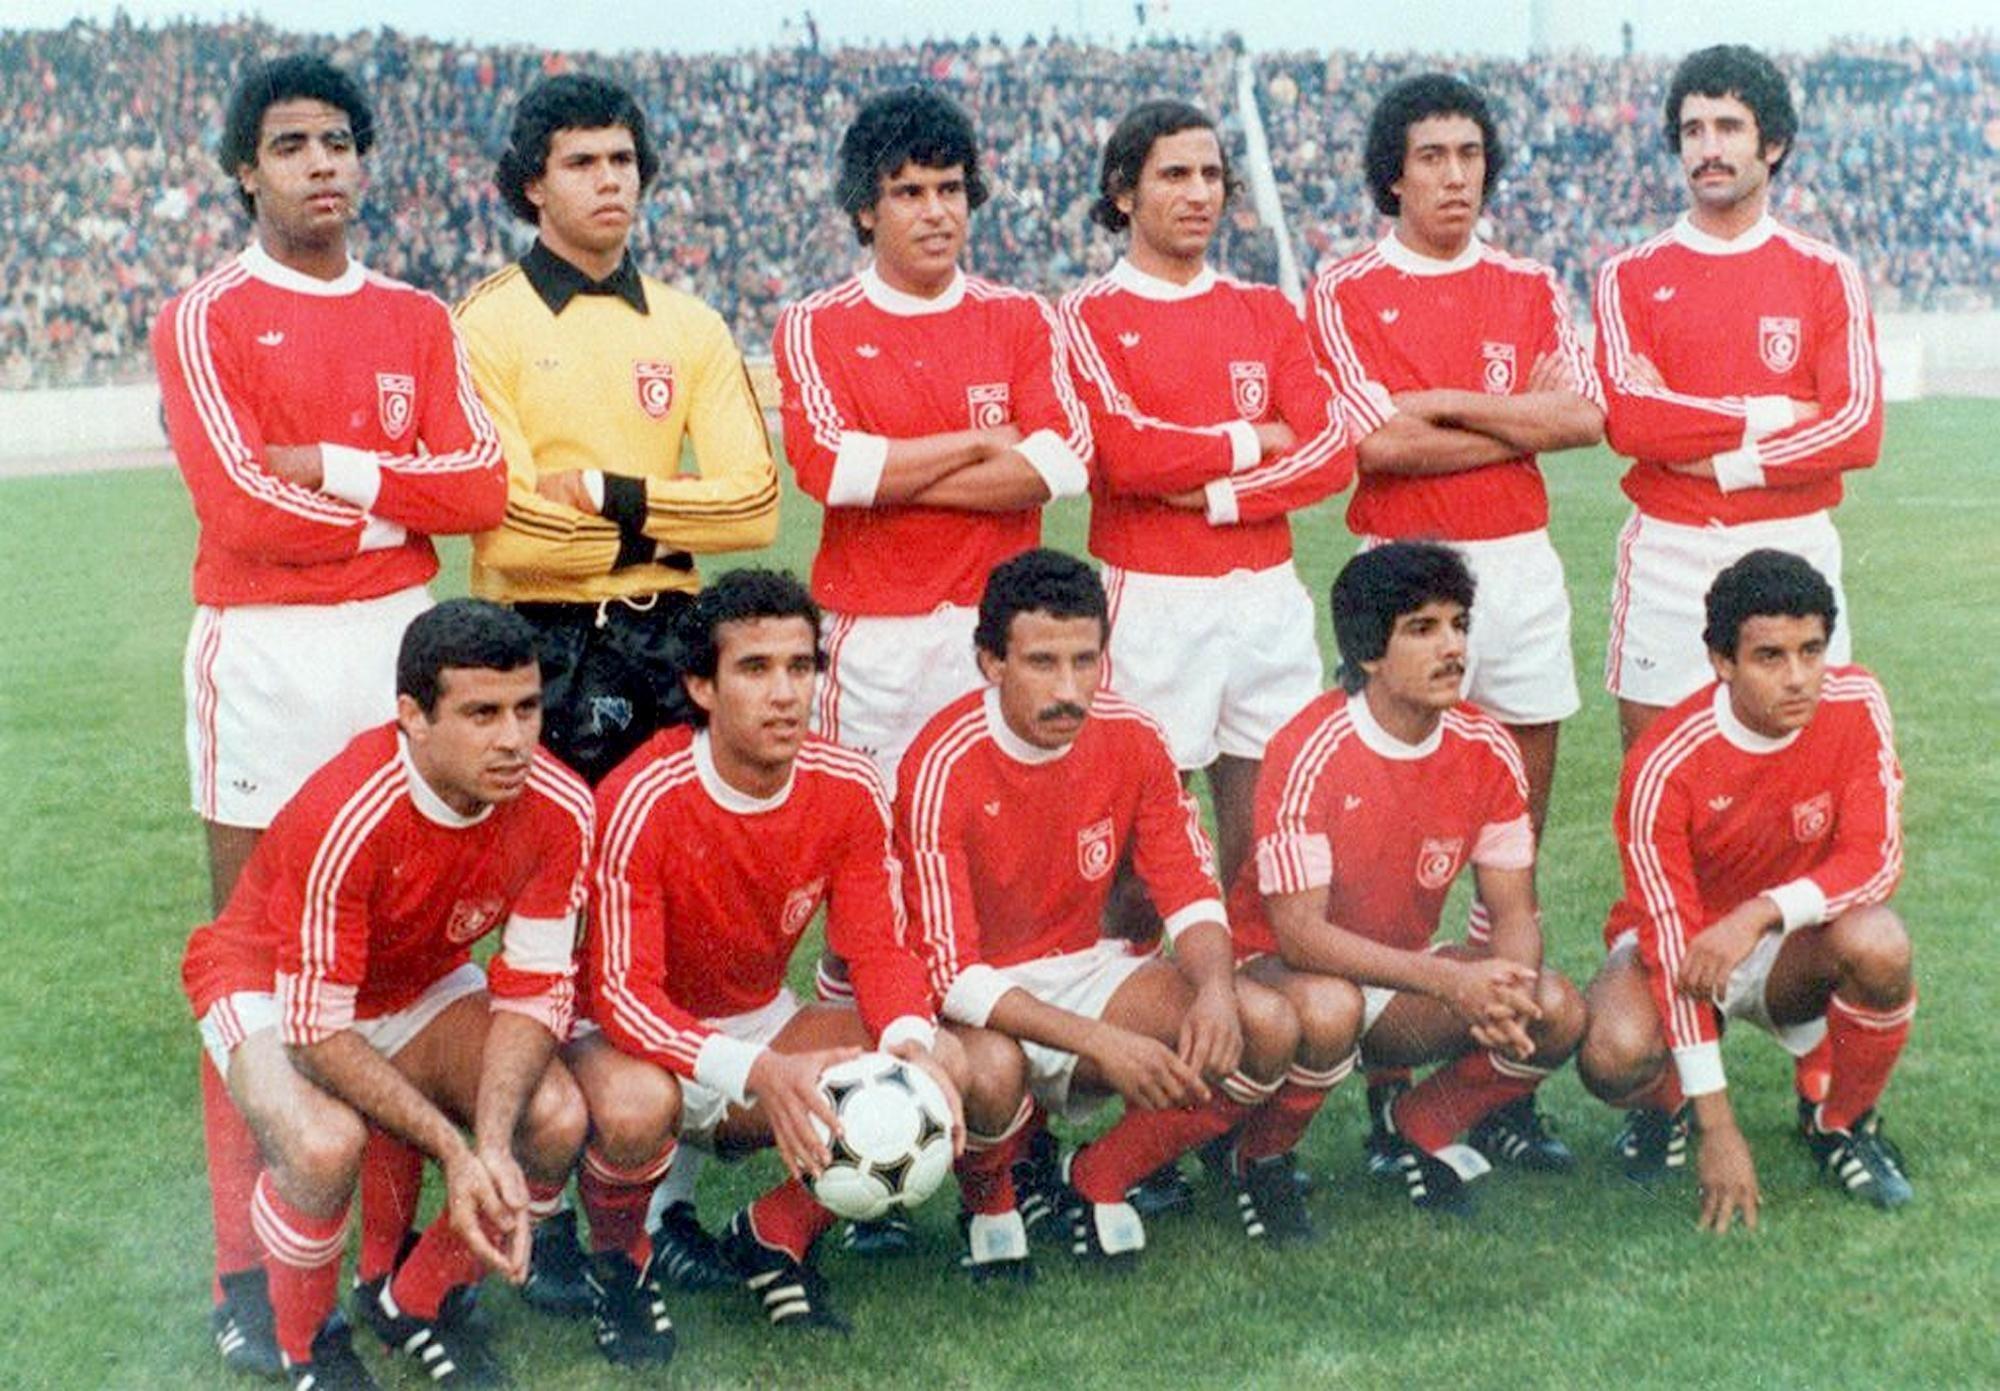 Mokhtar Dhouib et Ali Kaabi vous feront revivre la participation tunisienne au mondial 1978 dans l'émission Paris-Tunis sur F...